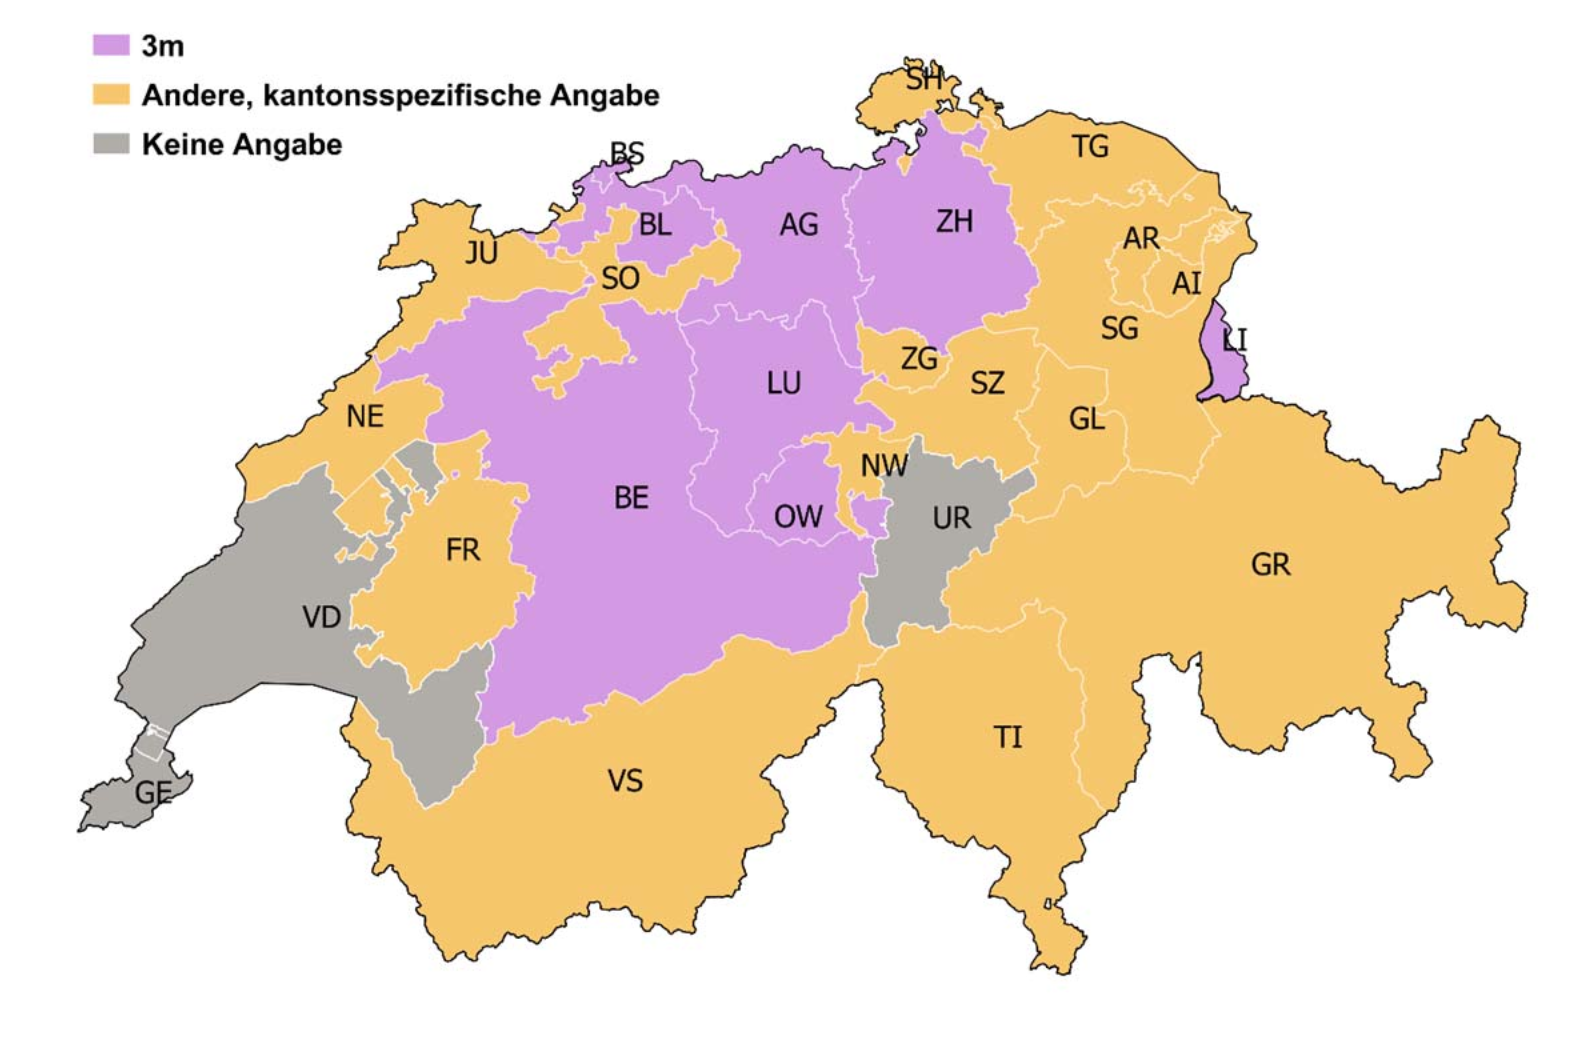 Mindestabstände der Erdwärmesonden zu Nachbar-Grundstückgrenzen. Quelle: BFE - EnergieSchweiz